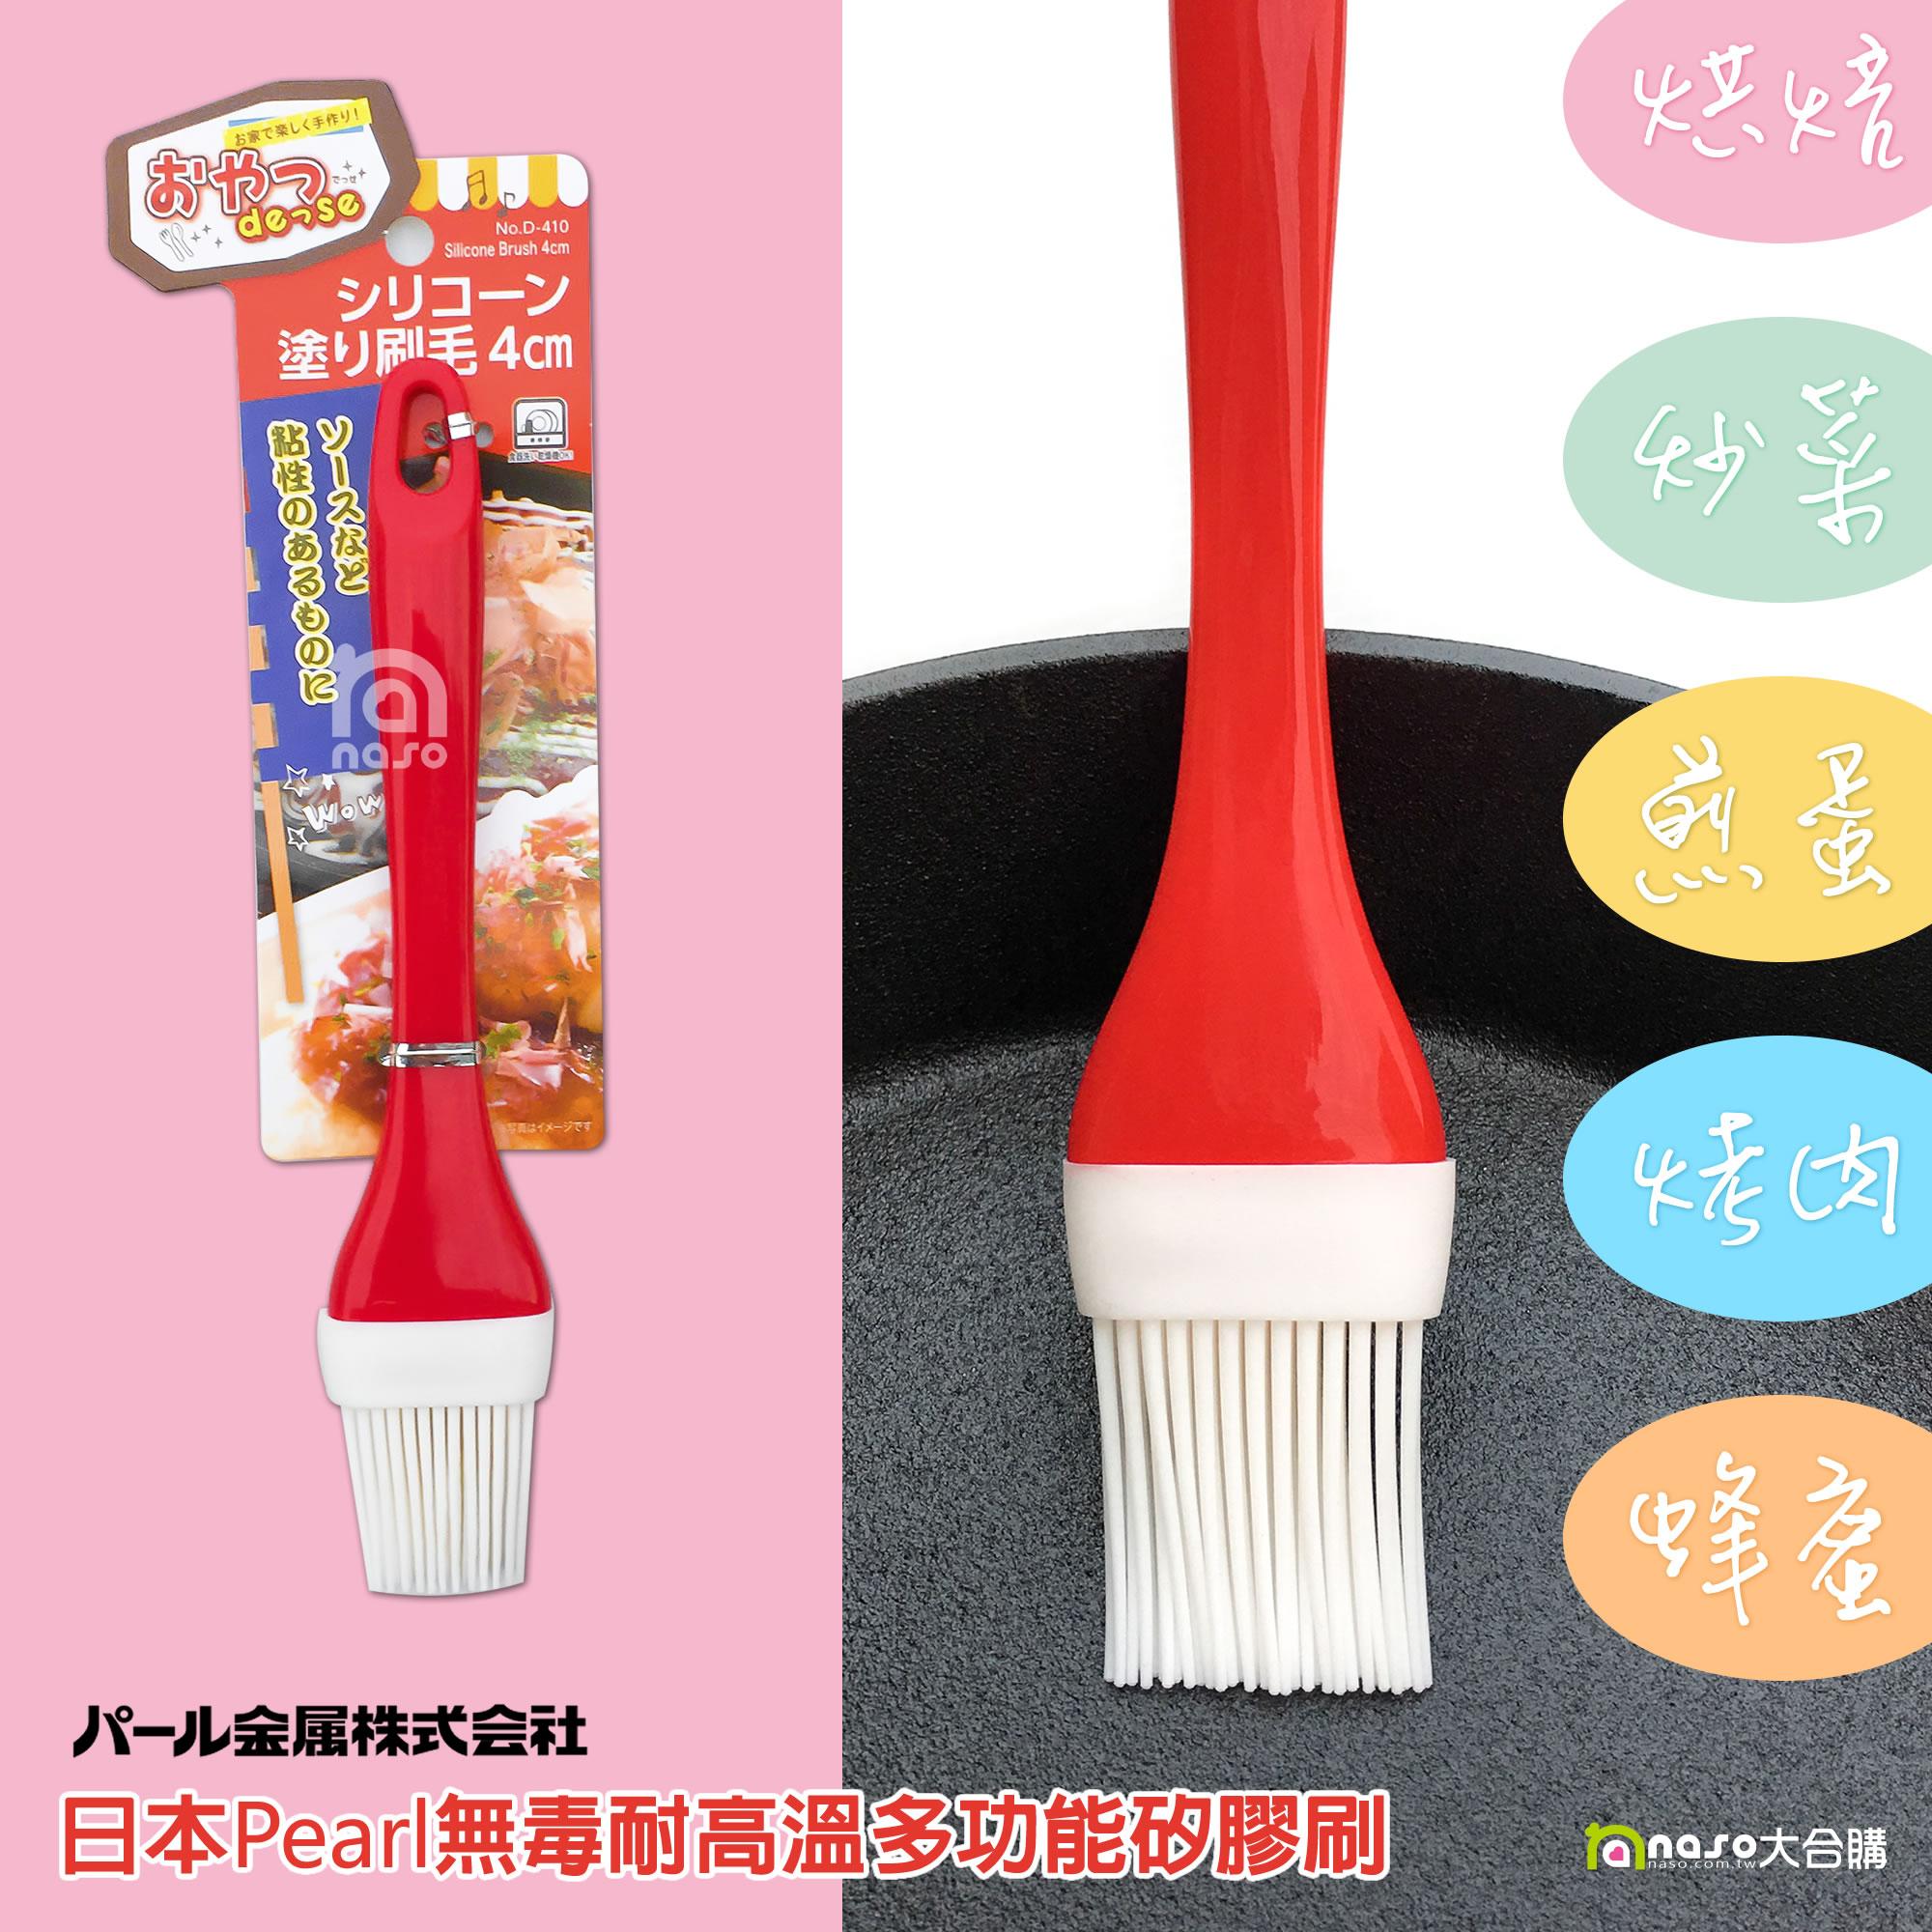 日本Pearl無毒耐高溫多功能矽膠刷(環保、無毒、健康、好清洗) 好評第4團